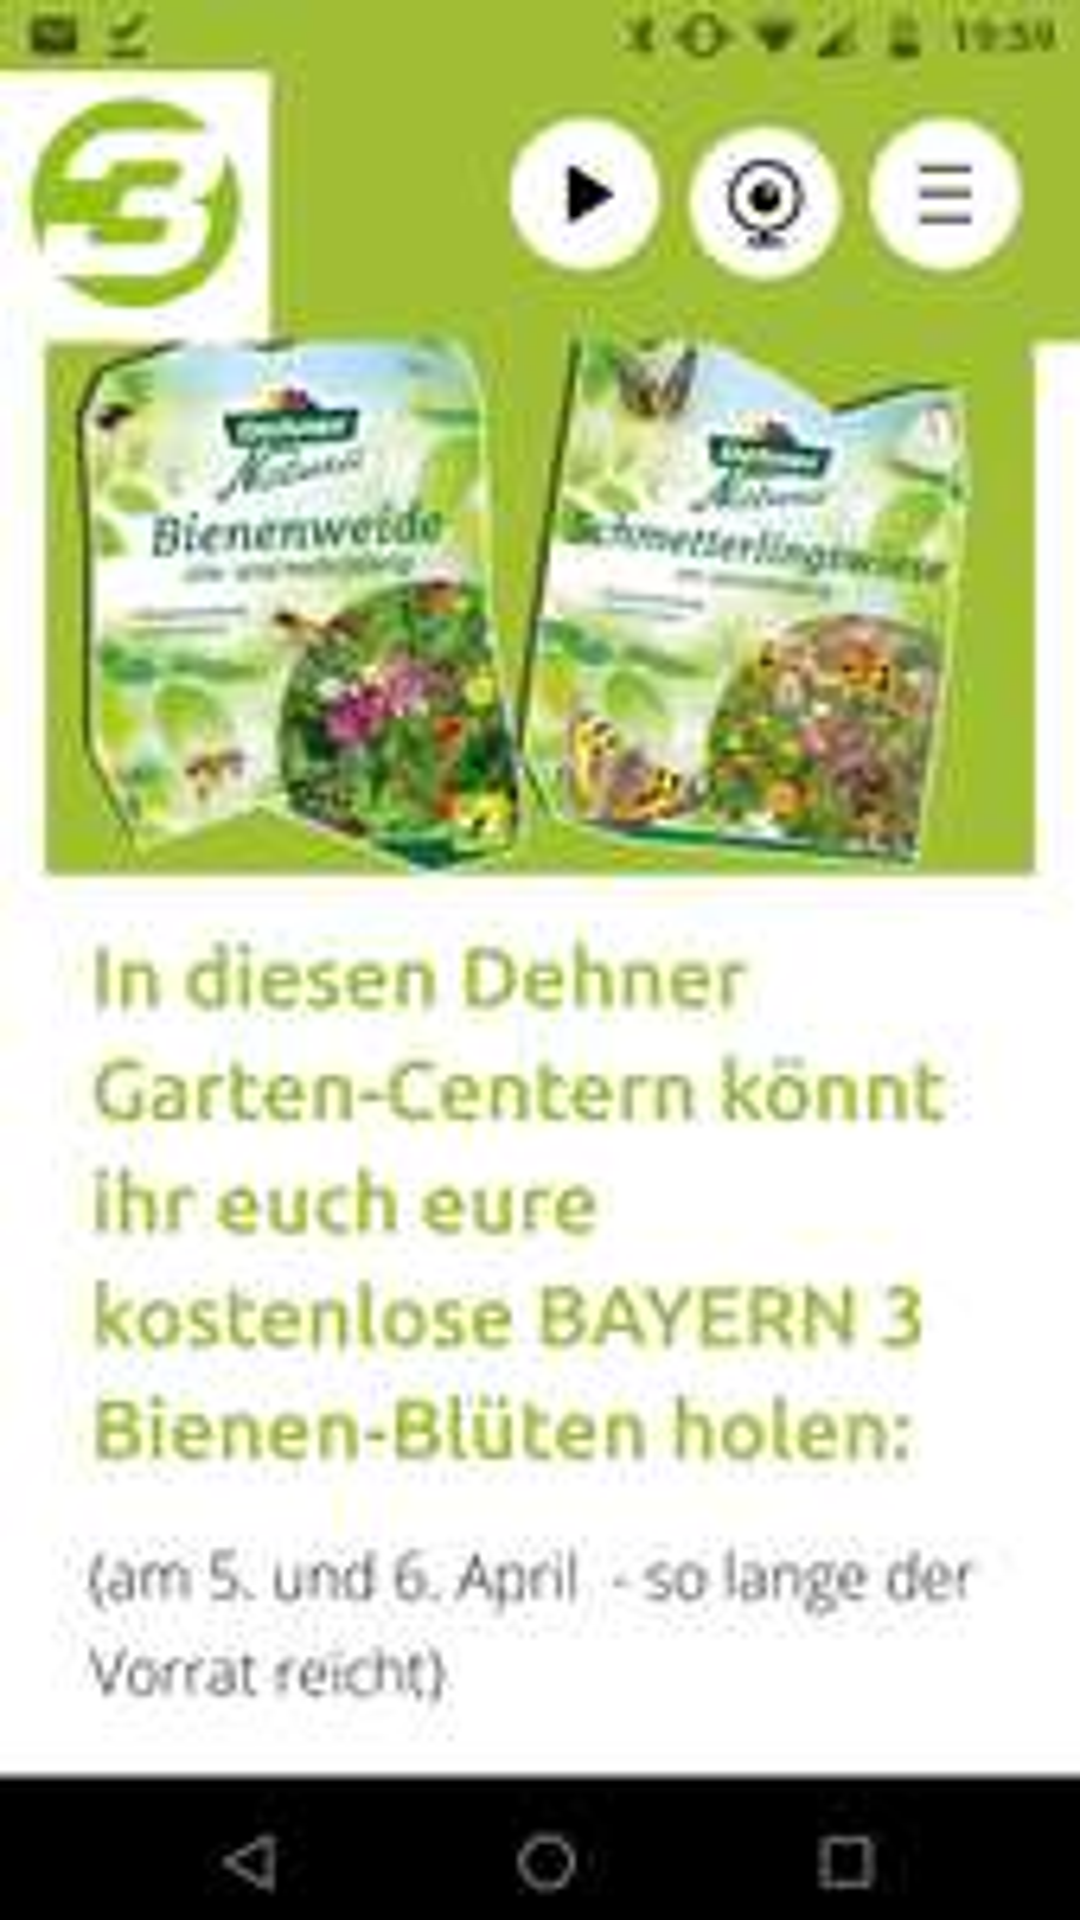 Kostenlos Wildblumensamen für Bienen und Schmetterlinge  bei Dehner von Bayern 3 5. und 6. April